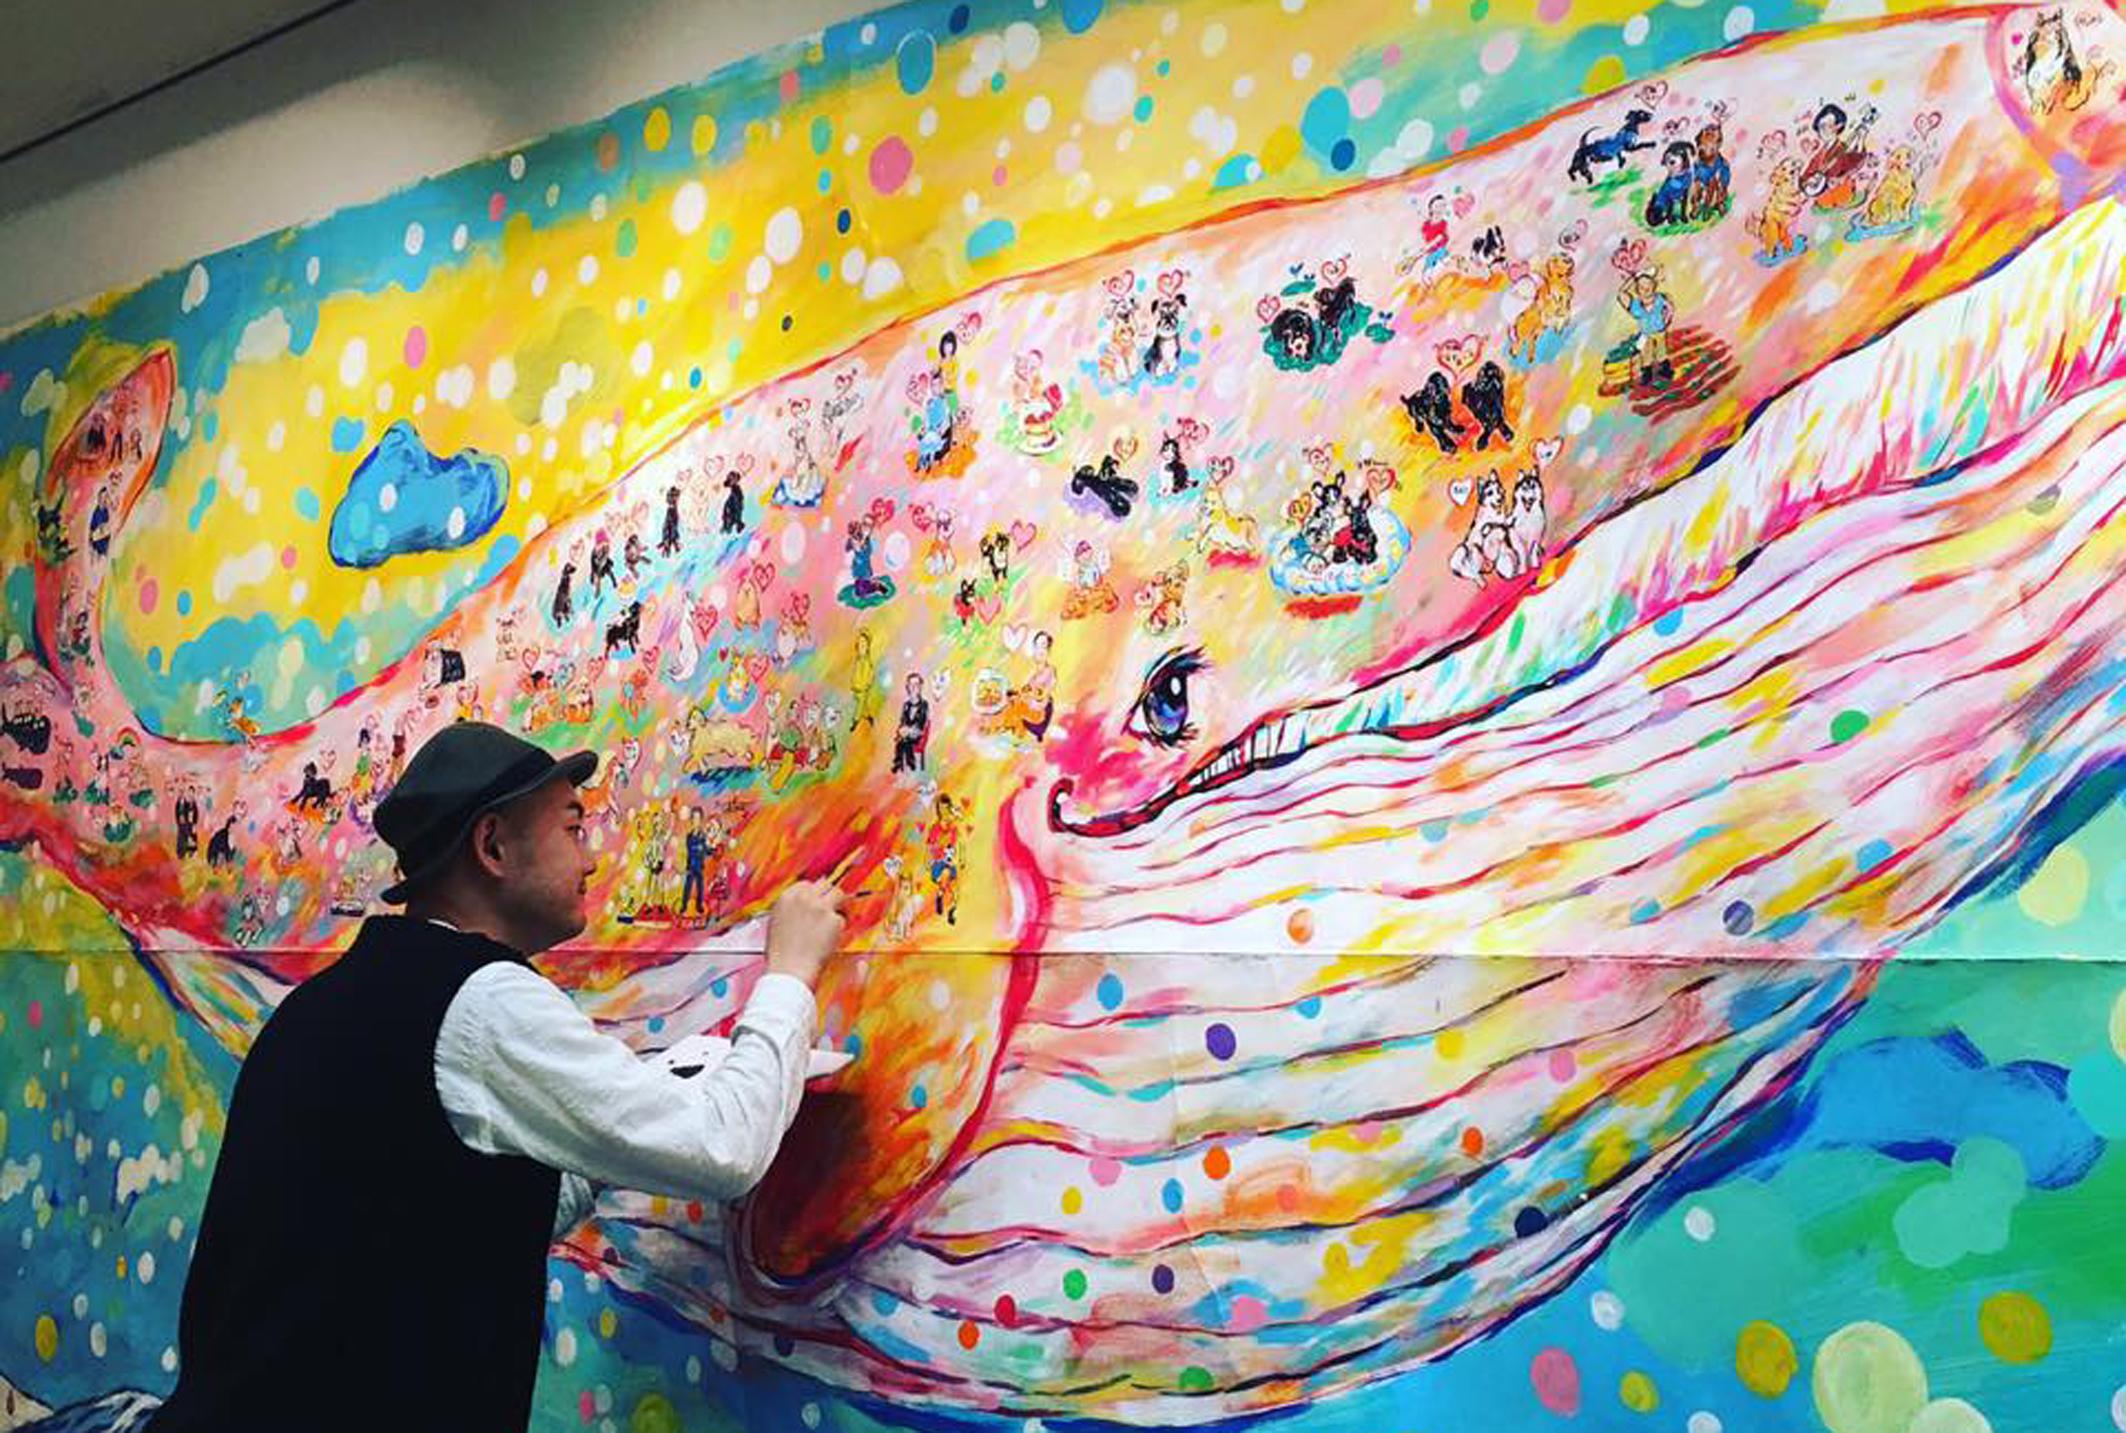 【『天国のクジラ』乗船希望のご家族募集】長友心平 展覧会『犬と楽しむアート展』